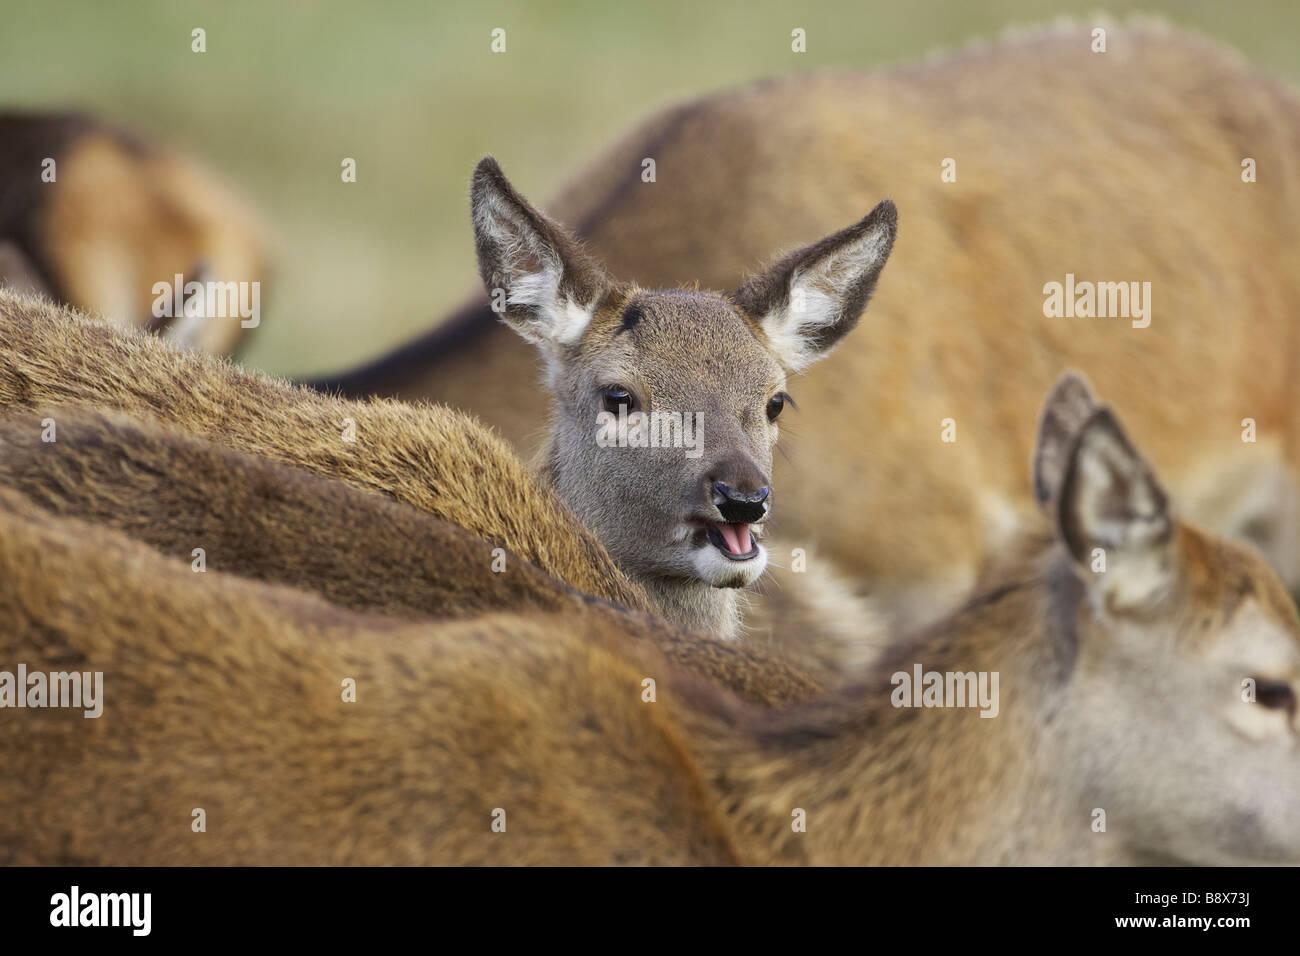 Ciervo rojo (Cervus elaphus), la pantorrilla entre grupo de hinds Imagen De Stock